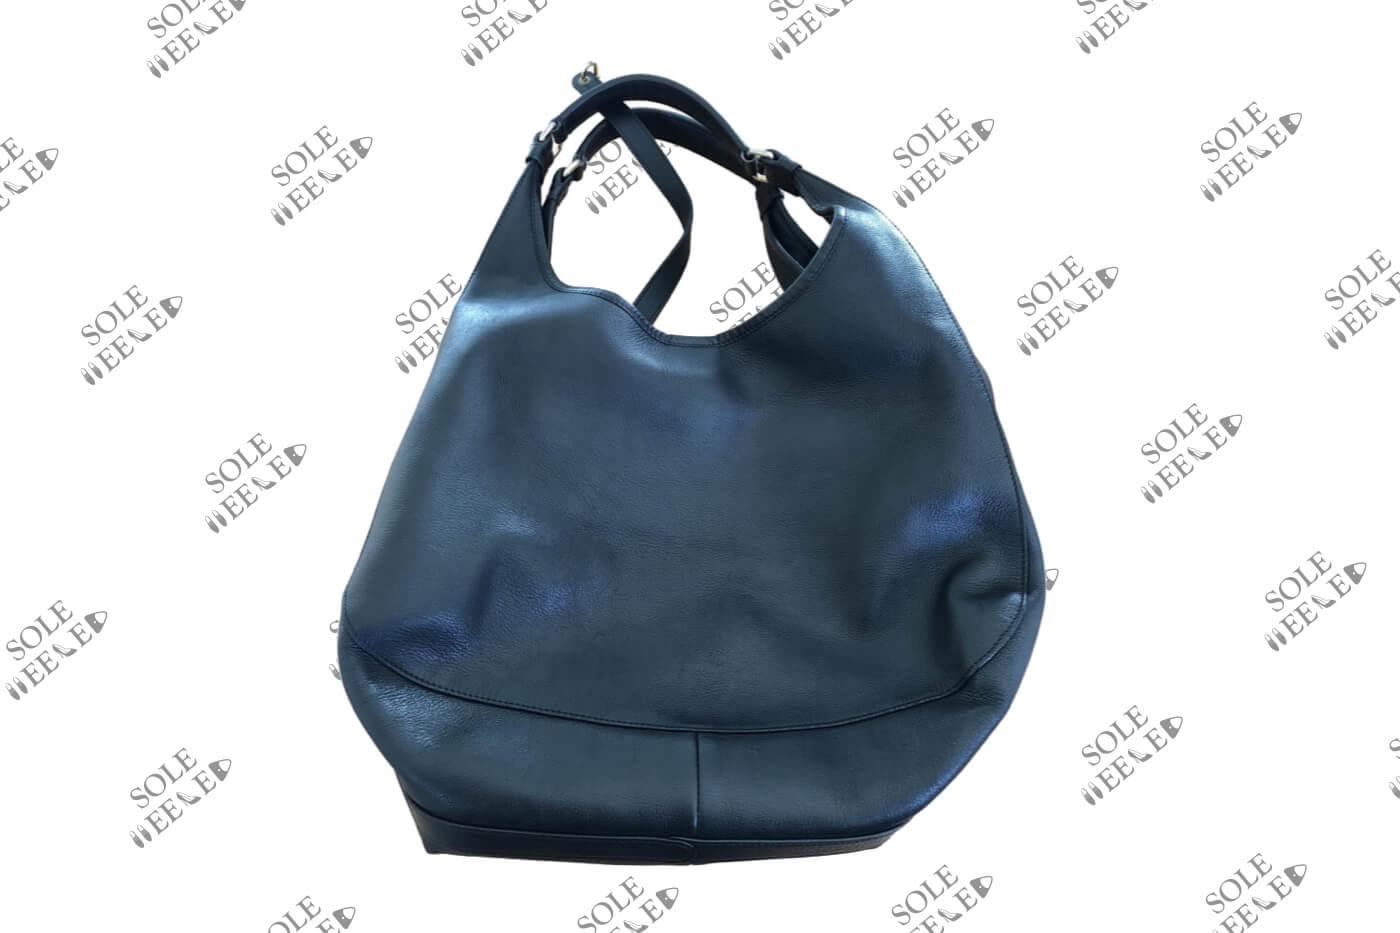 Loewe Handbag Strap Repair